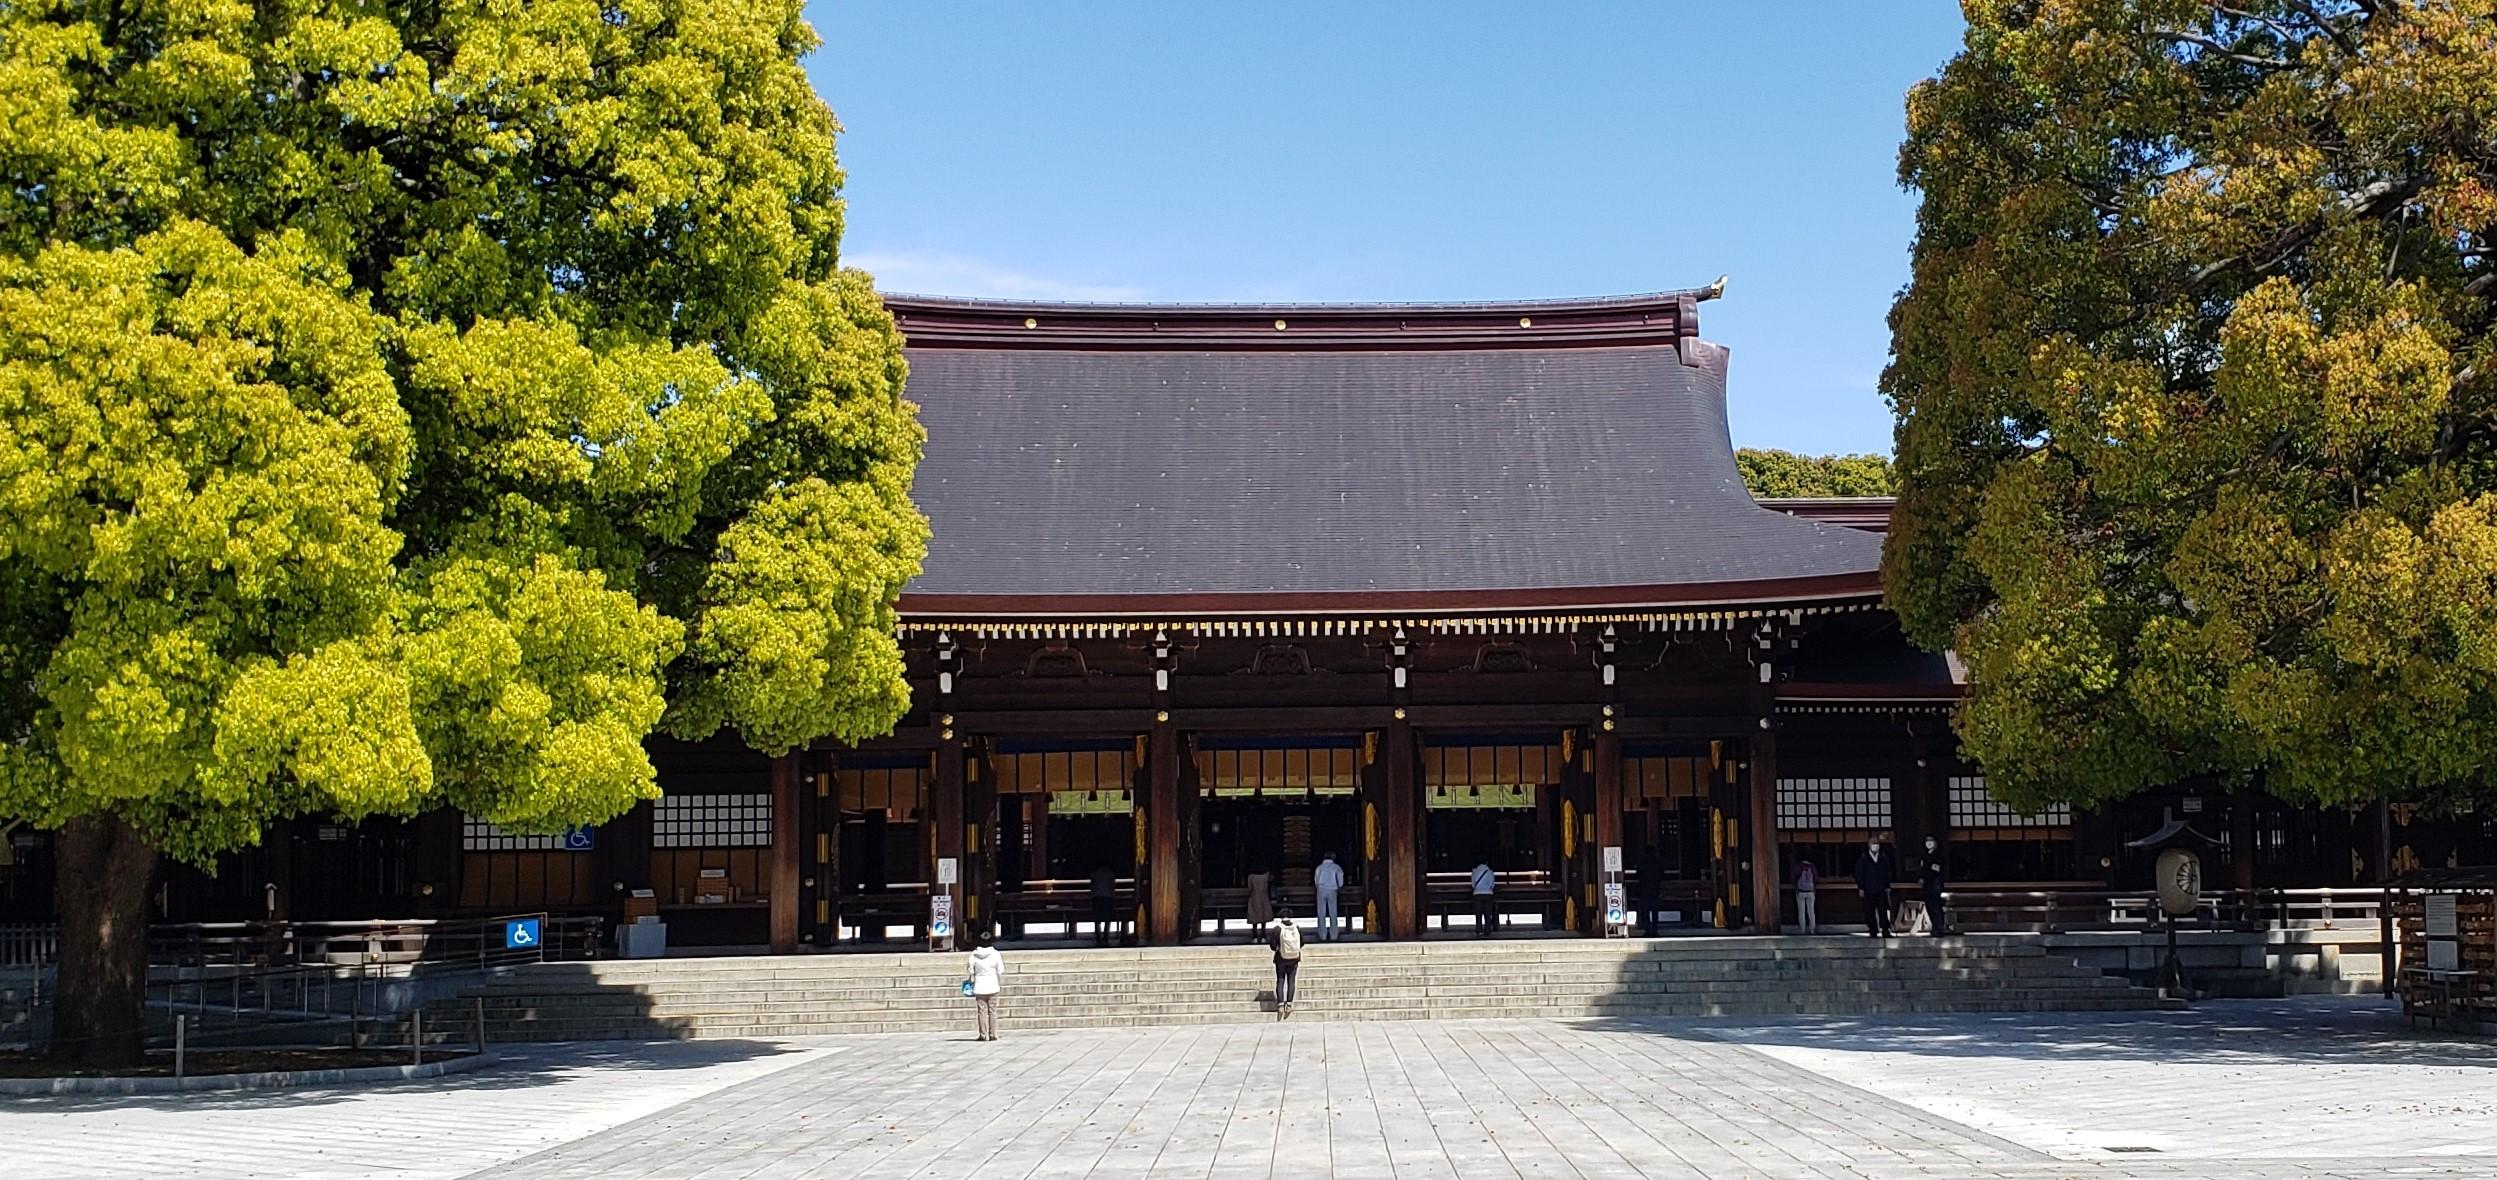 東京屈指のパワースポット明治神宮。おすすめの行き方と吉凶が無いおみくじの魅力!明治神宮。おすすめの行き方と吉凶が無いおみくじの魅力!